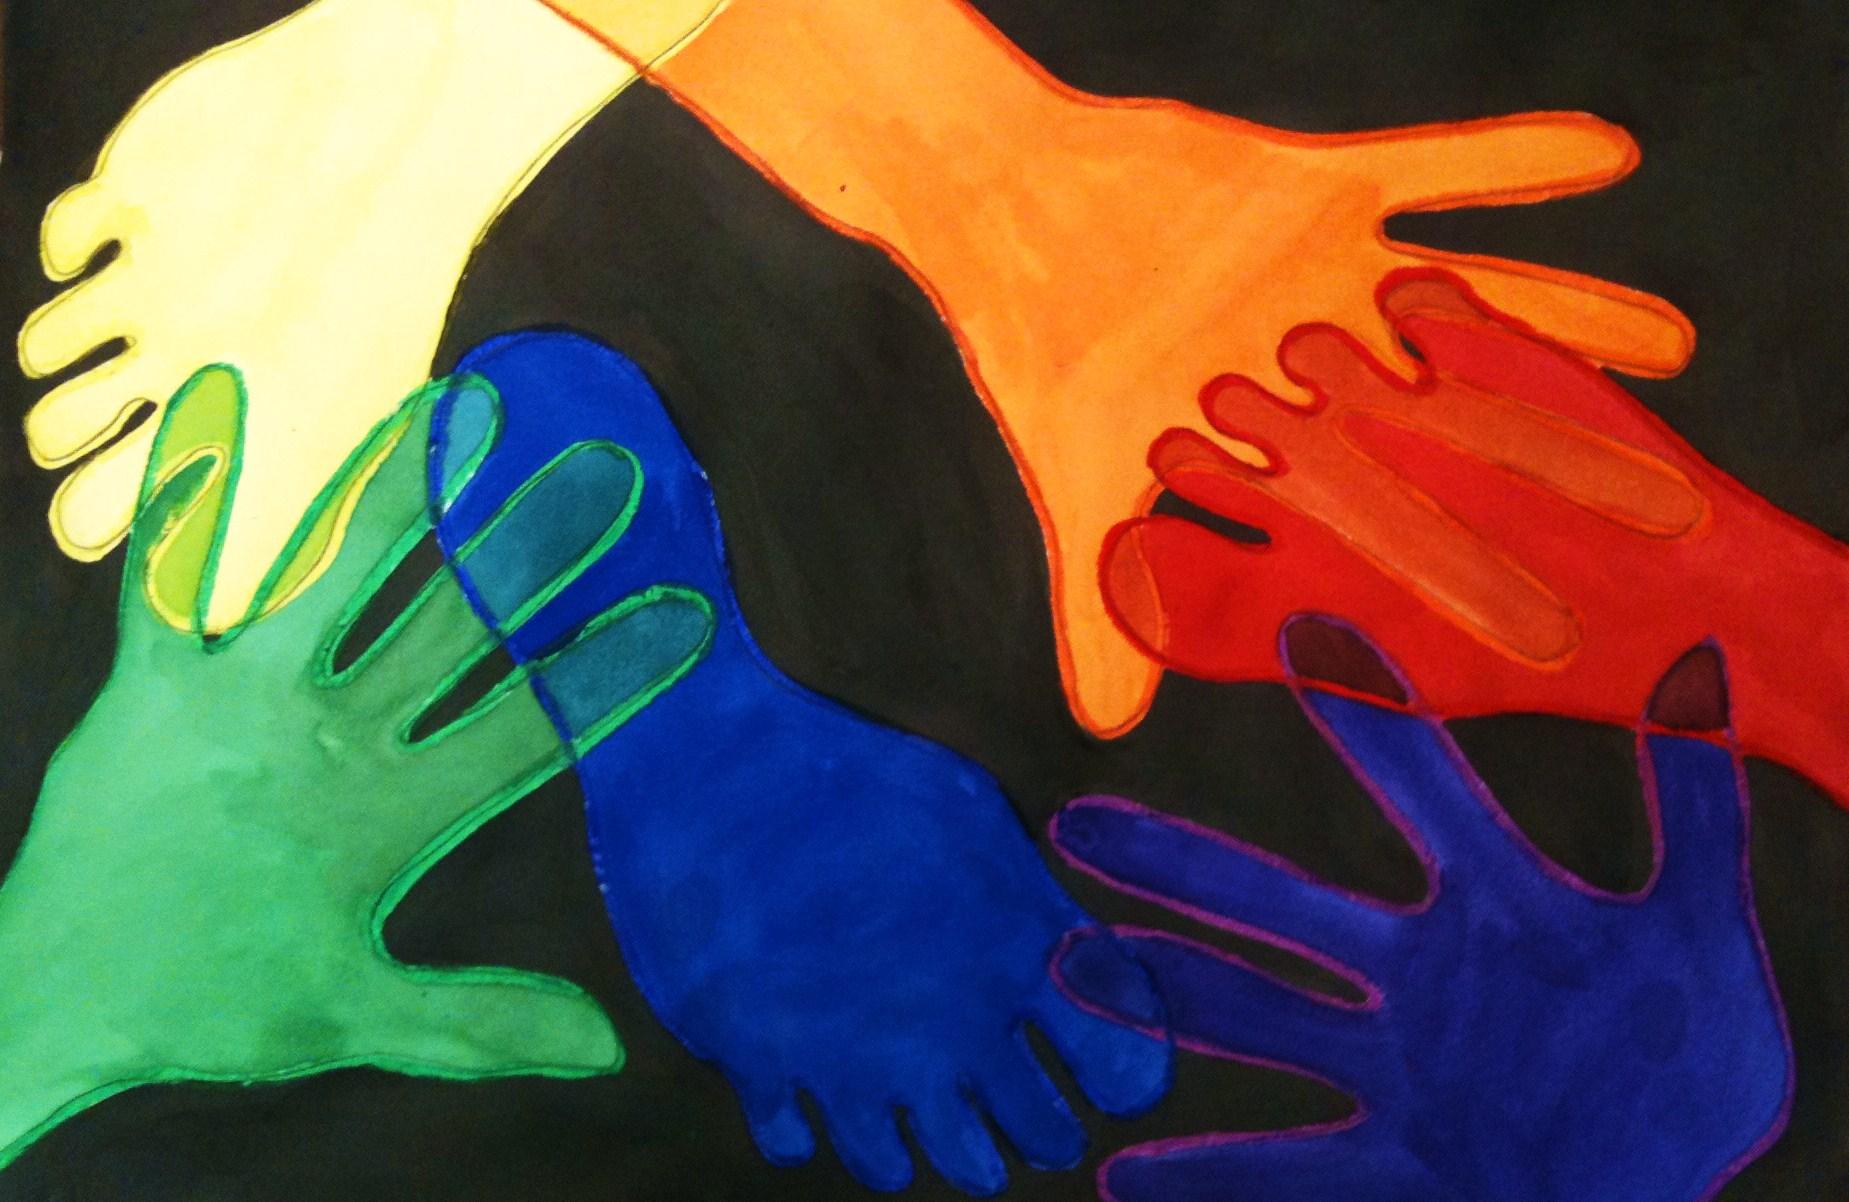 Foot Amp Hand Color Wheel Crayon Resist